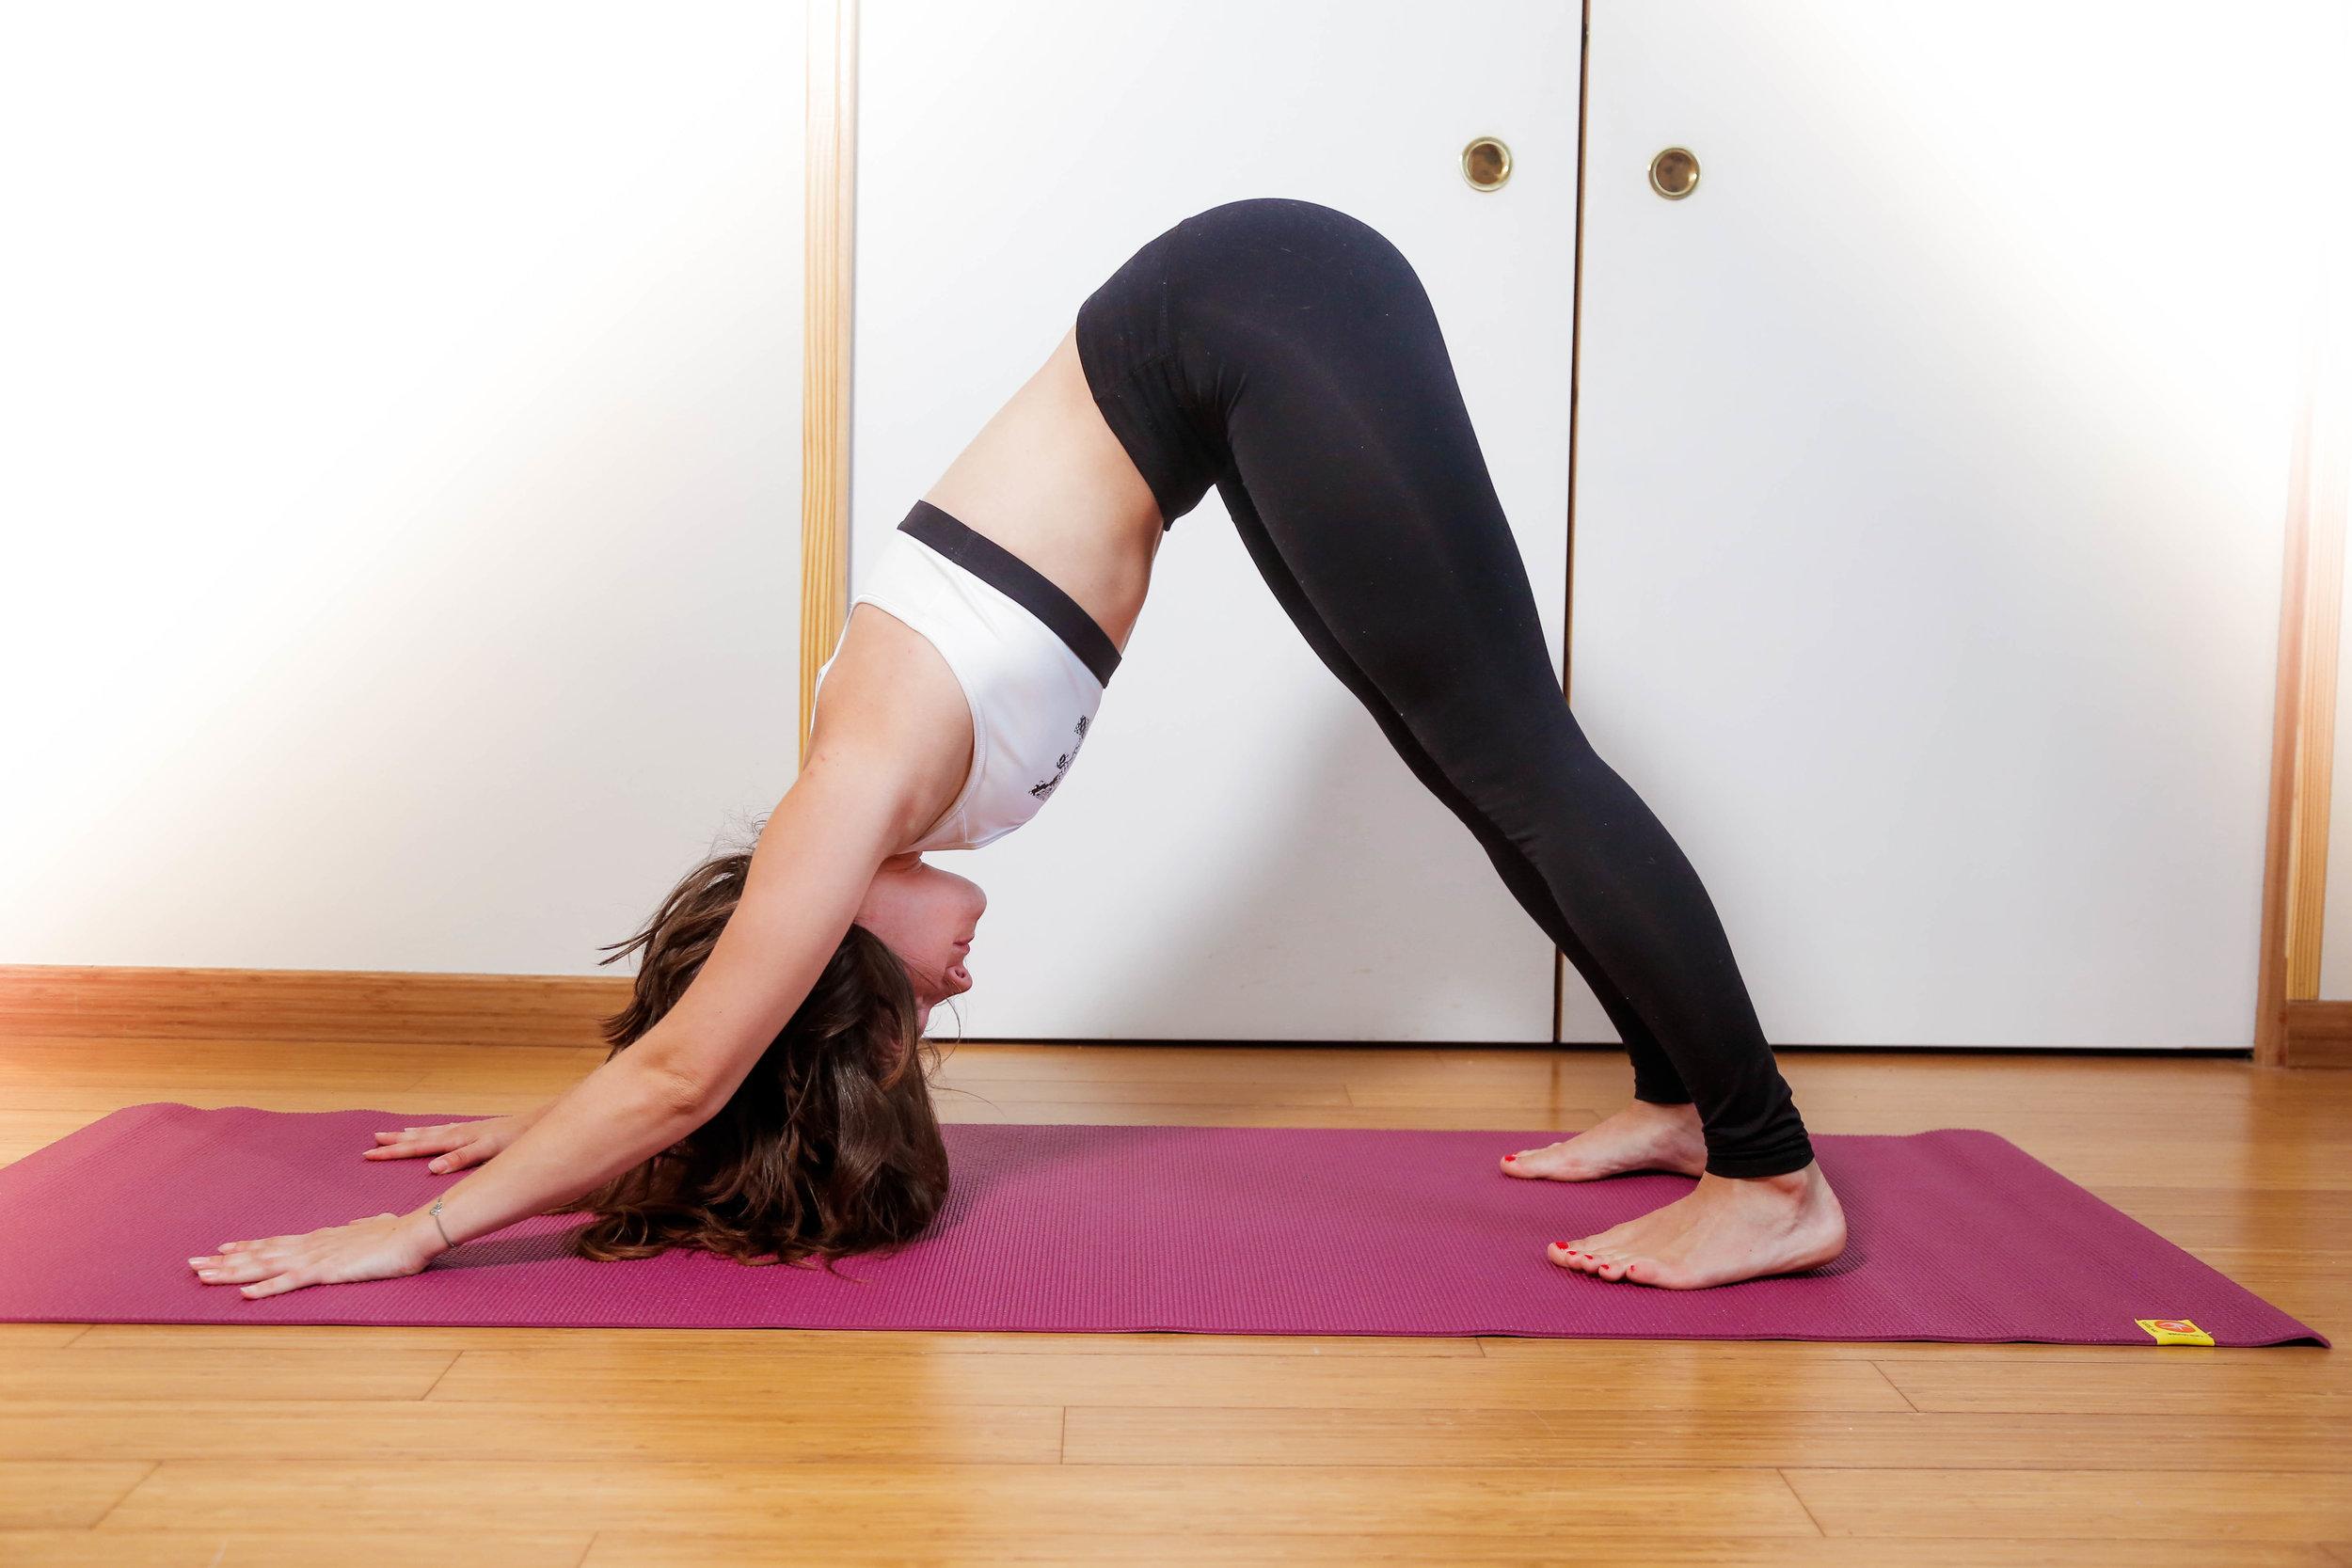 LE CHIEN TÊTE EN BAS     Objectifs  :  - Se relaxer et apaiser son esprit. - Etirer son corps et principalement son dos - Renforcer ses bras, ses épaules et assouplir l'arrière de ses jambes.   Cette posture ouvre les épaules et renforce le haut du dos. Le fait d'avoir la tête en bas permet de régénérer les cellules en irriguant le cerveau. En chien tête en bas, on allonge aussi ses ischio-jambiers et ses mollets. ⚠  Astuce  : en cas de sensation de raideur dans les jambes, ne pas hésiter à fléchir un peu les genoux afin de pouvoir maintenir un dos long, depuis le sommet du crâne jusqu'au coccyx. Enfin, dans la posture du chien tête en bas, on se renforce et on se détend, même si au début ce n'est pas évident ;-) N'hésite pas à respirer profondément et lentement, cela ralentira les battements de votre coeur. Le fait de relâcher complètement votre tête et votre nuque va aussi vous procurer une sensation de détente profonde.